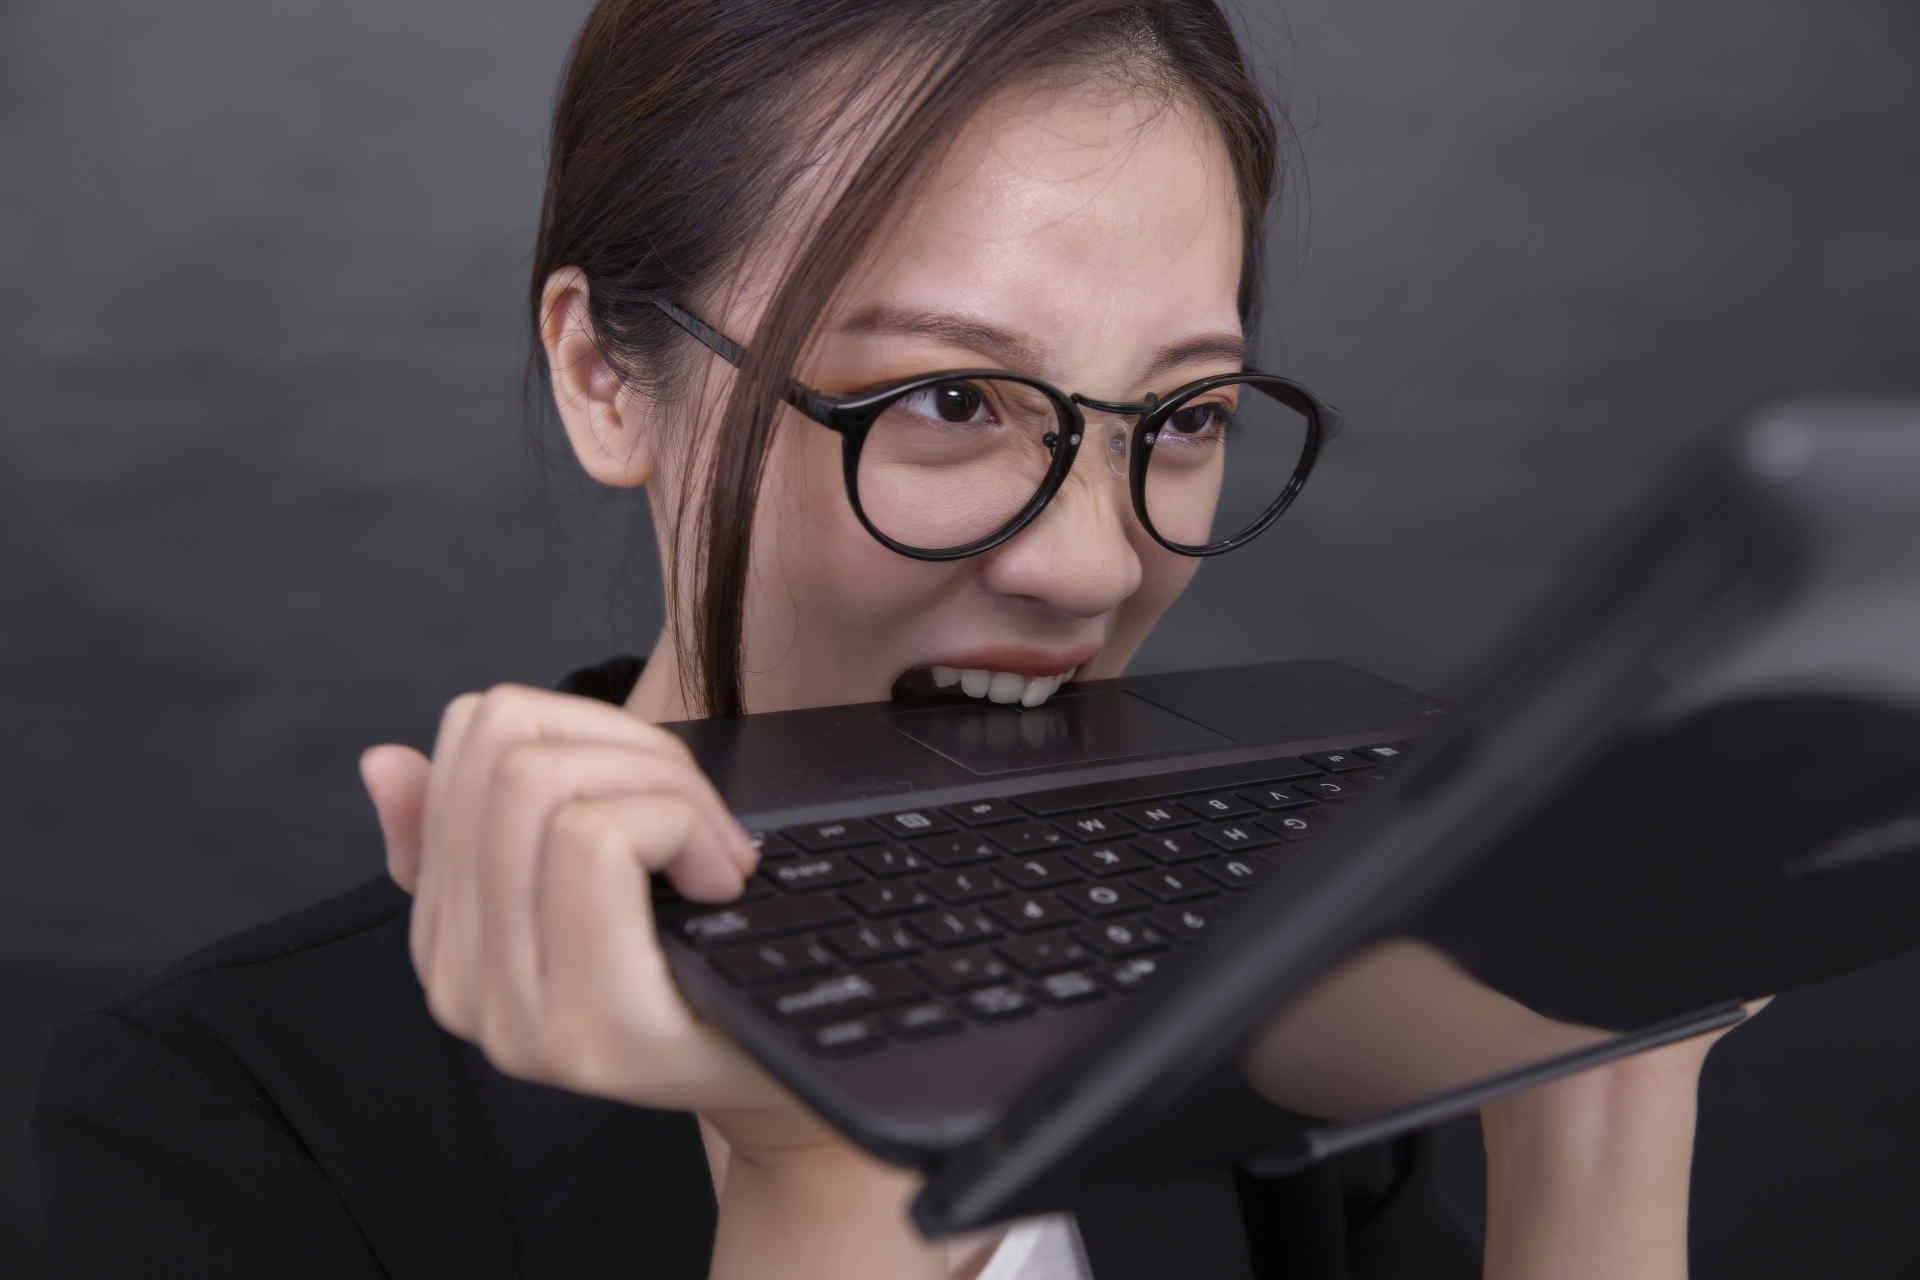 キーボードを噛んでいる女性